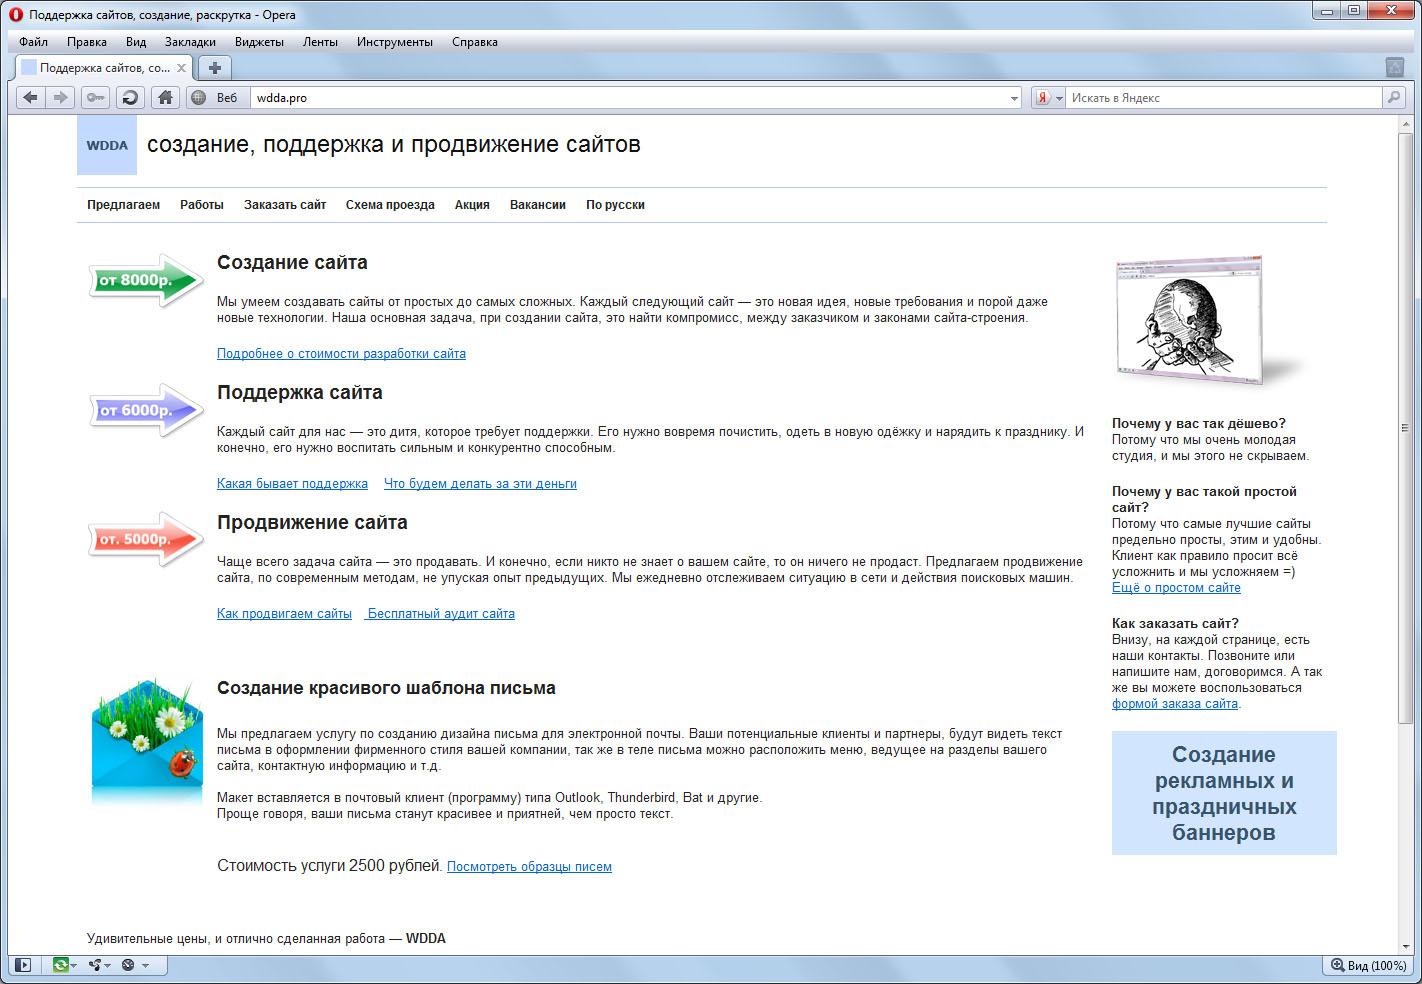 Сайт студии wdda.pro v.1.0